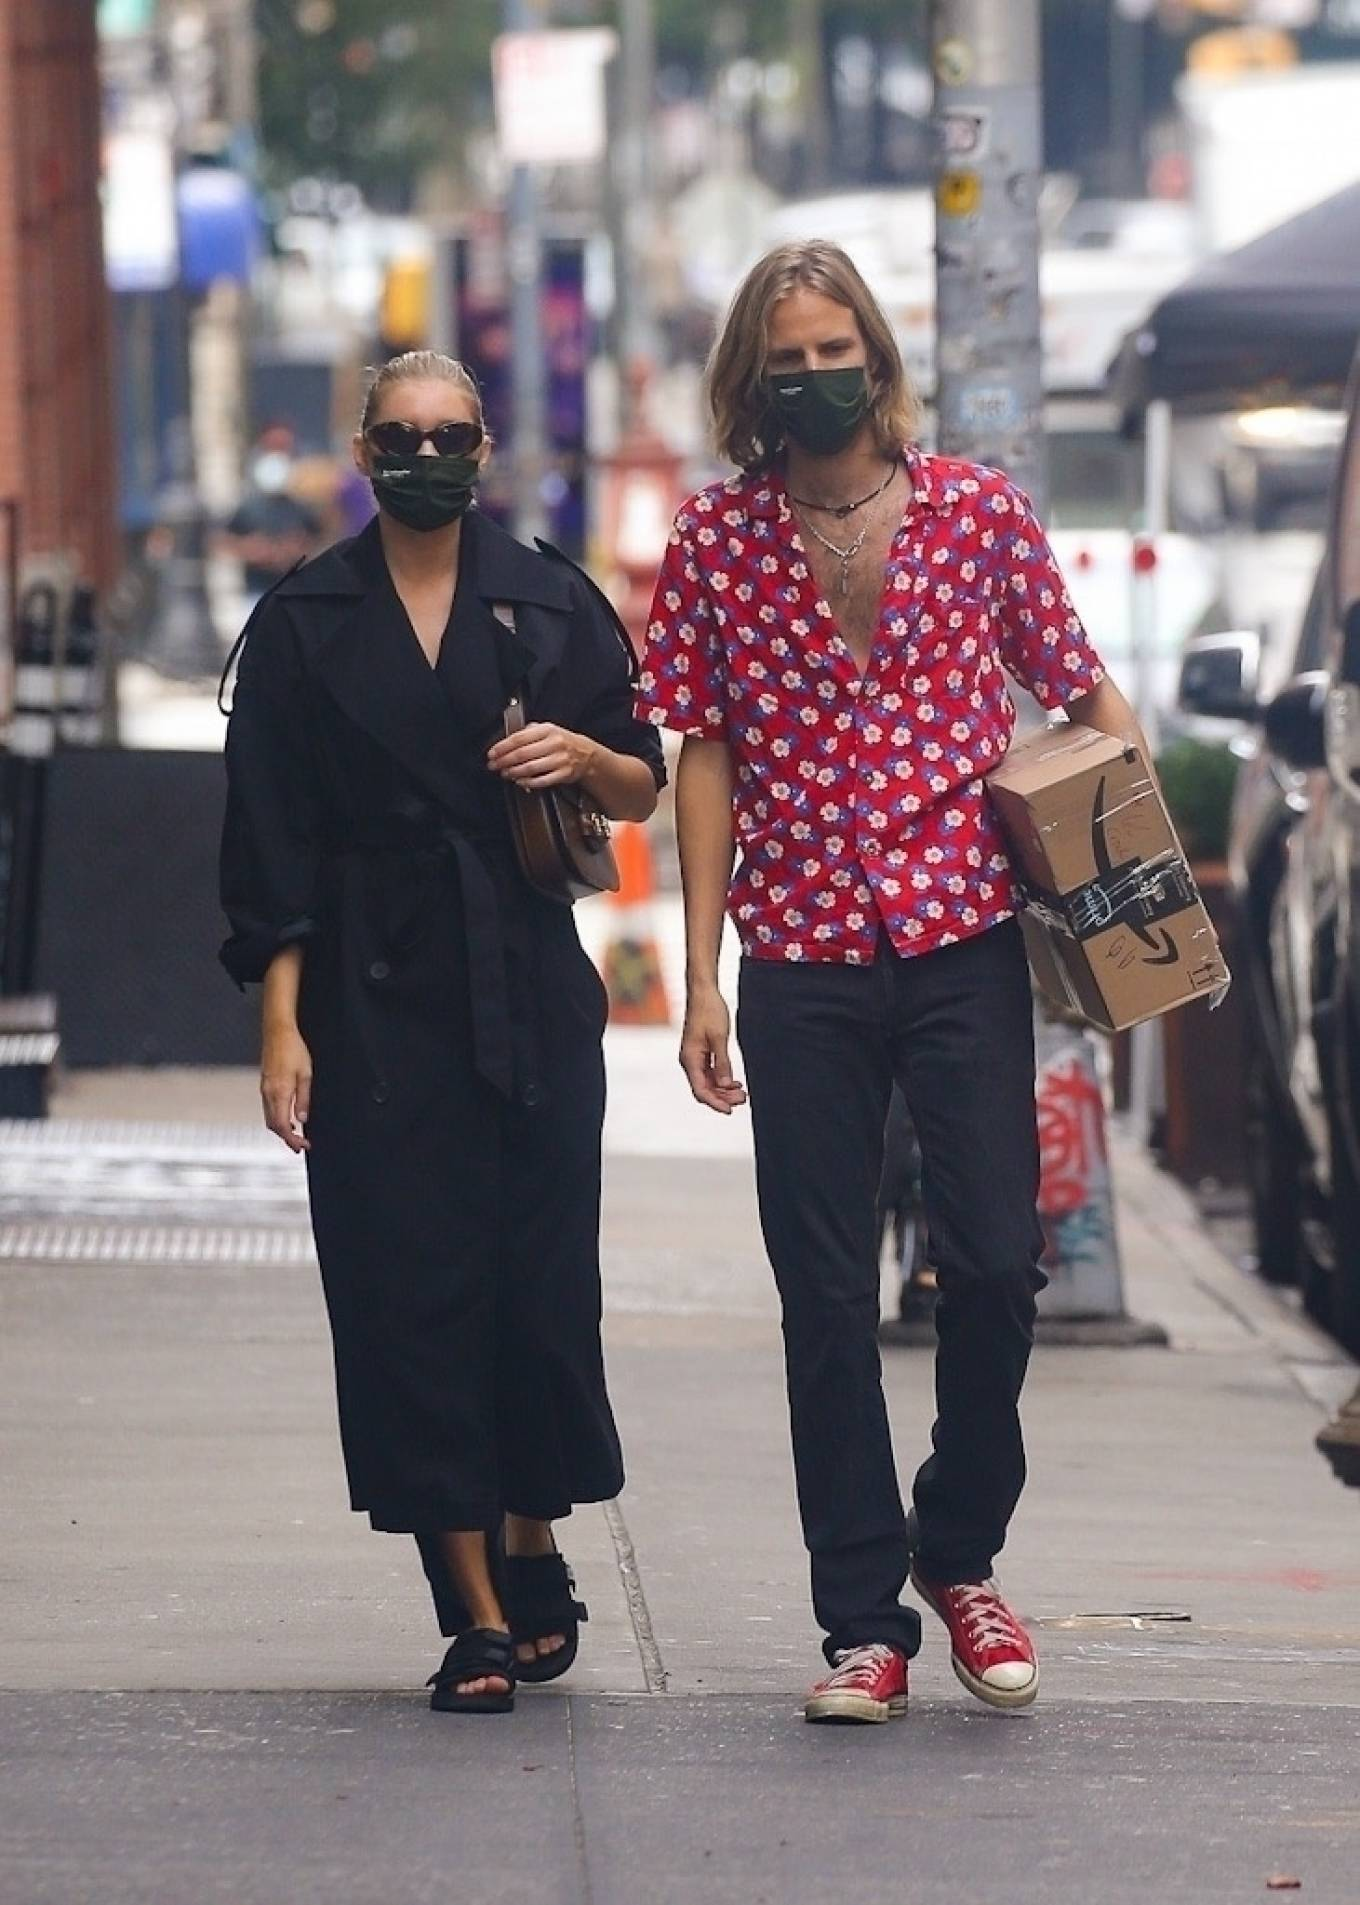 Elsa Hosk 2020 : Elsa Hosk with her boyfriend in New York City-06